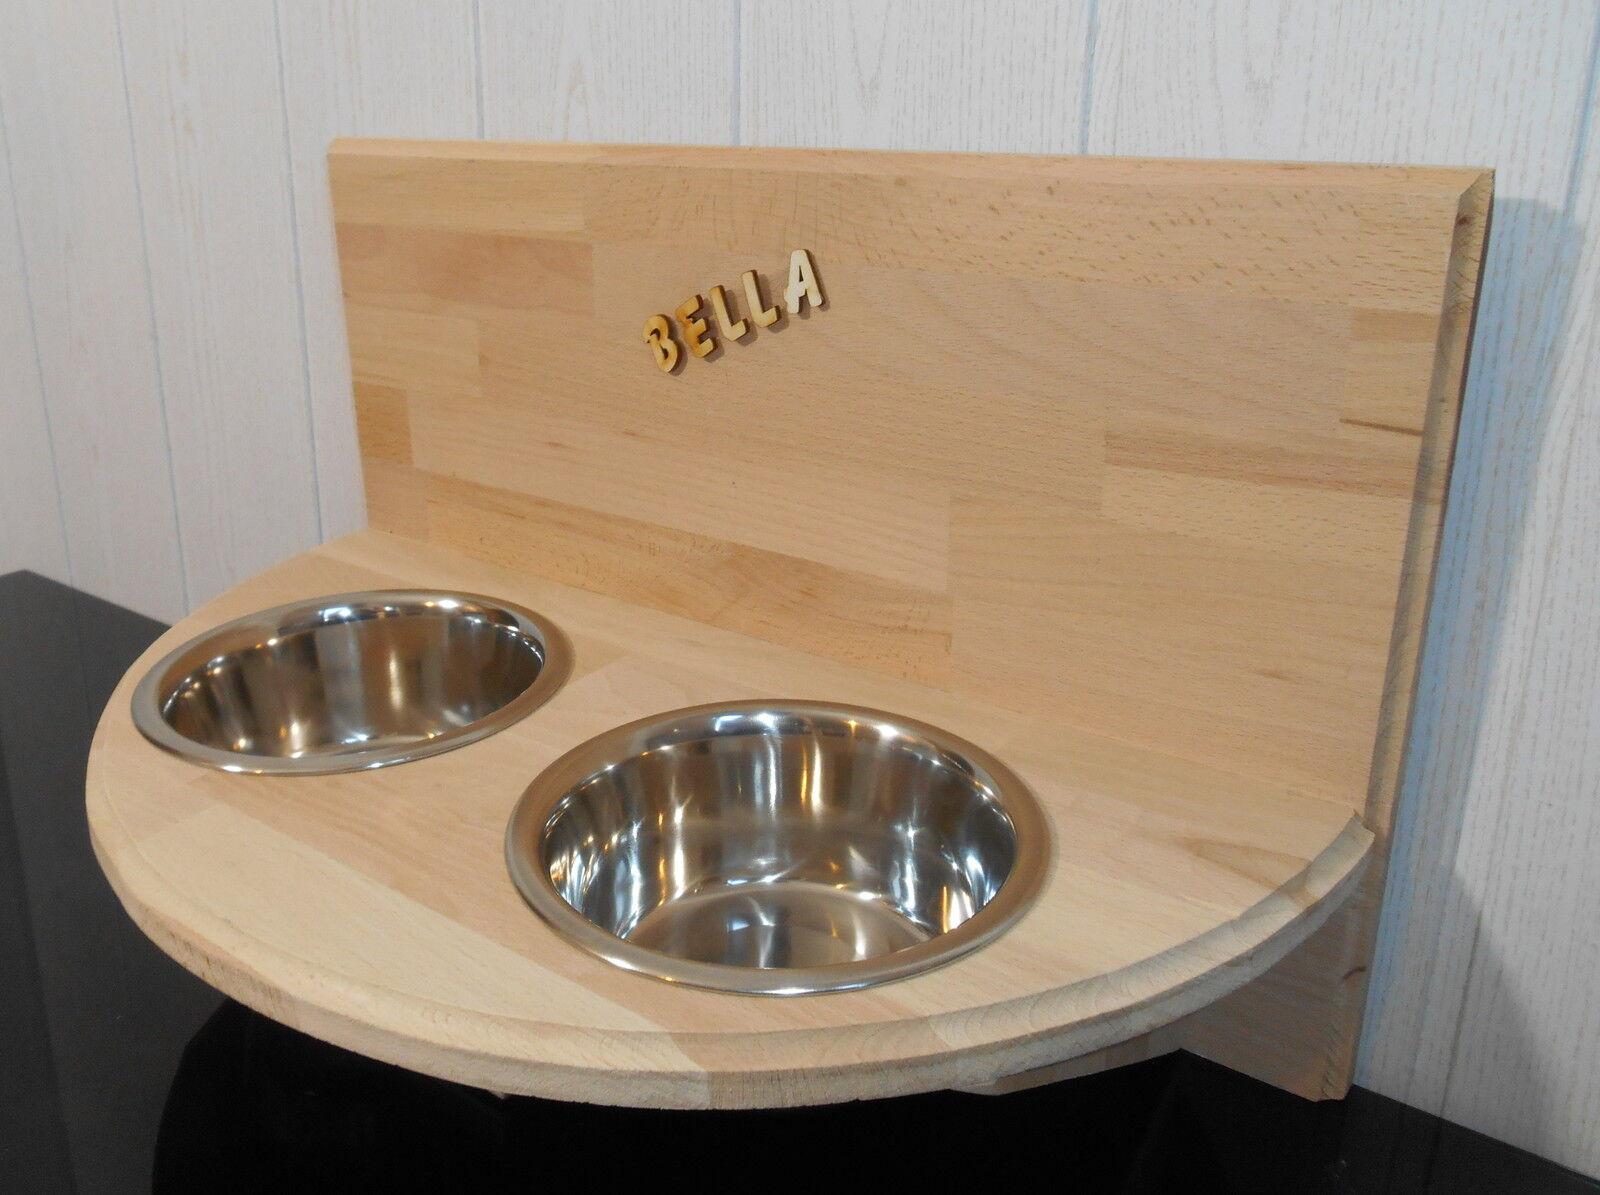 Wandfutterbar, Hundenapf halbrund, 2 x 750  , Futterstation, Näpfe (204)